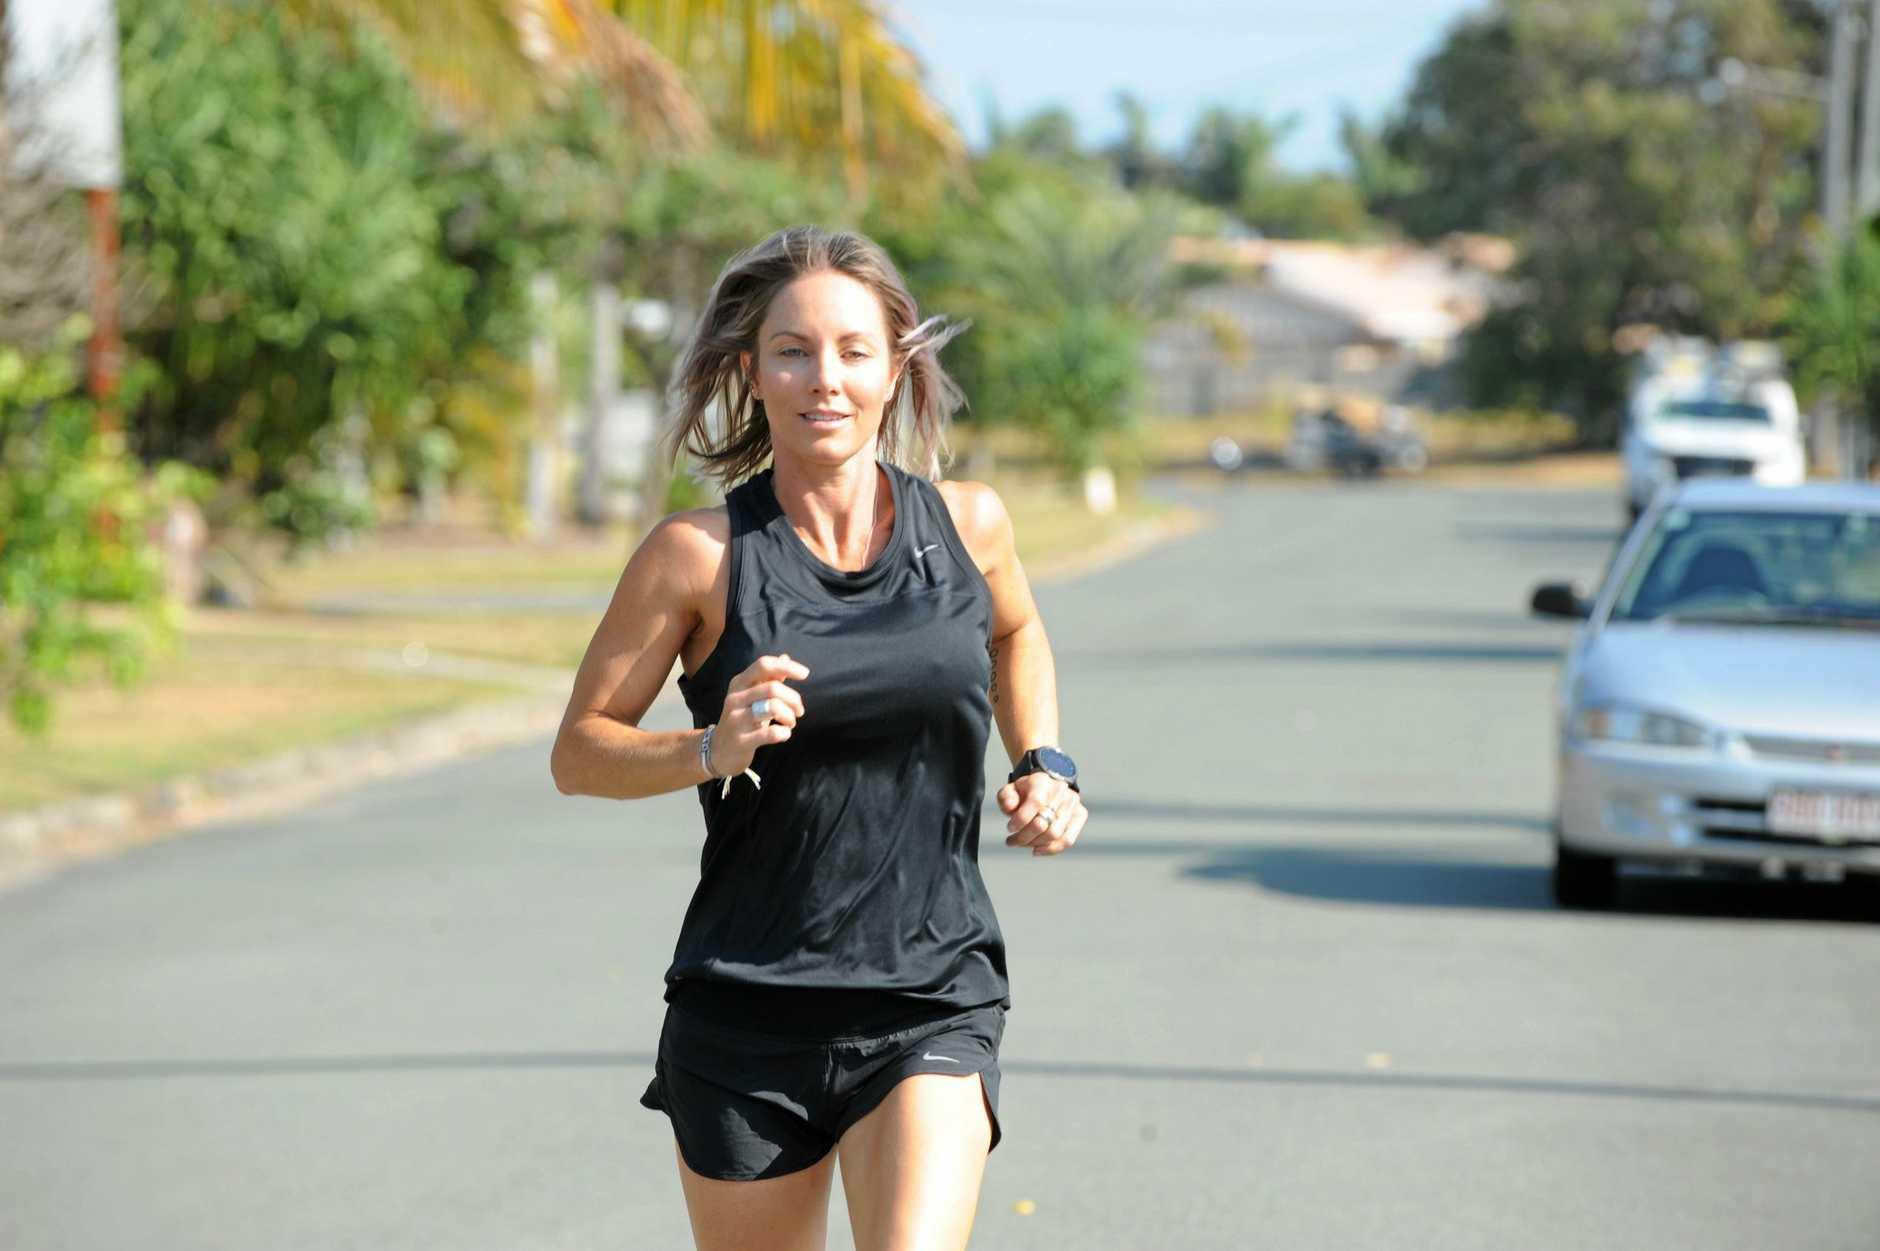 Warana ultra runner Phoebe Nance is preparing for her Blackall 50km race debut.